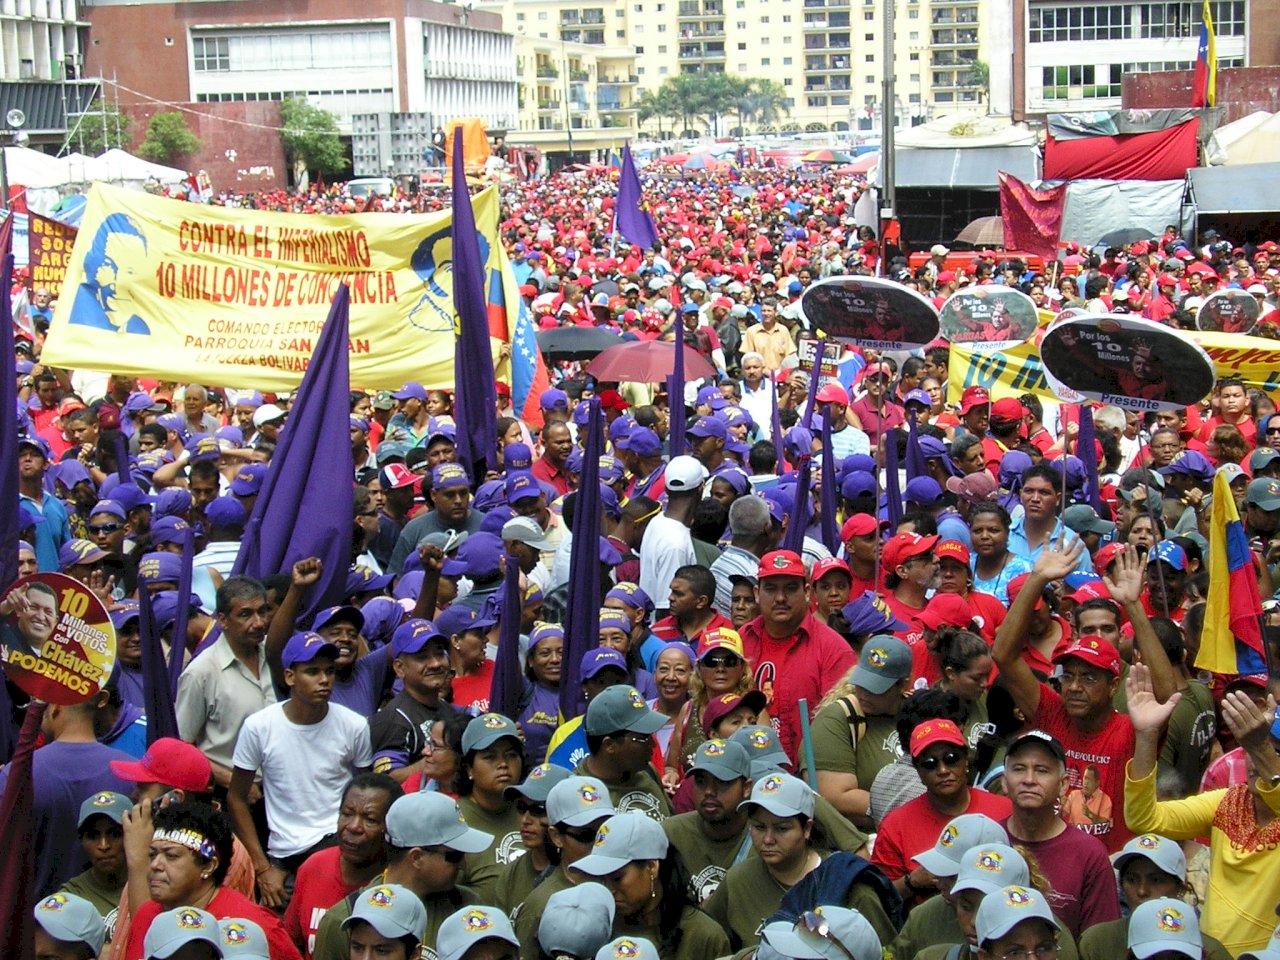 新聞視線以外的委內瑞拉